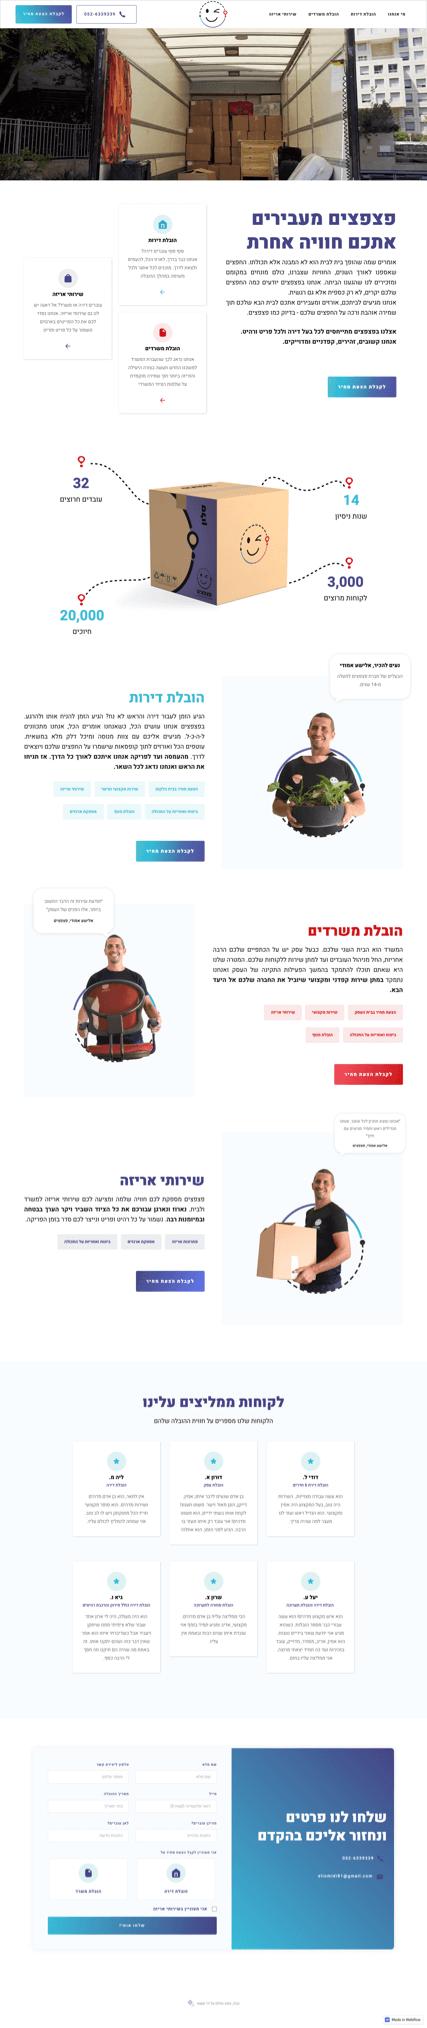 אתר פצפצים חברת הובלות